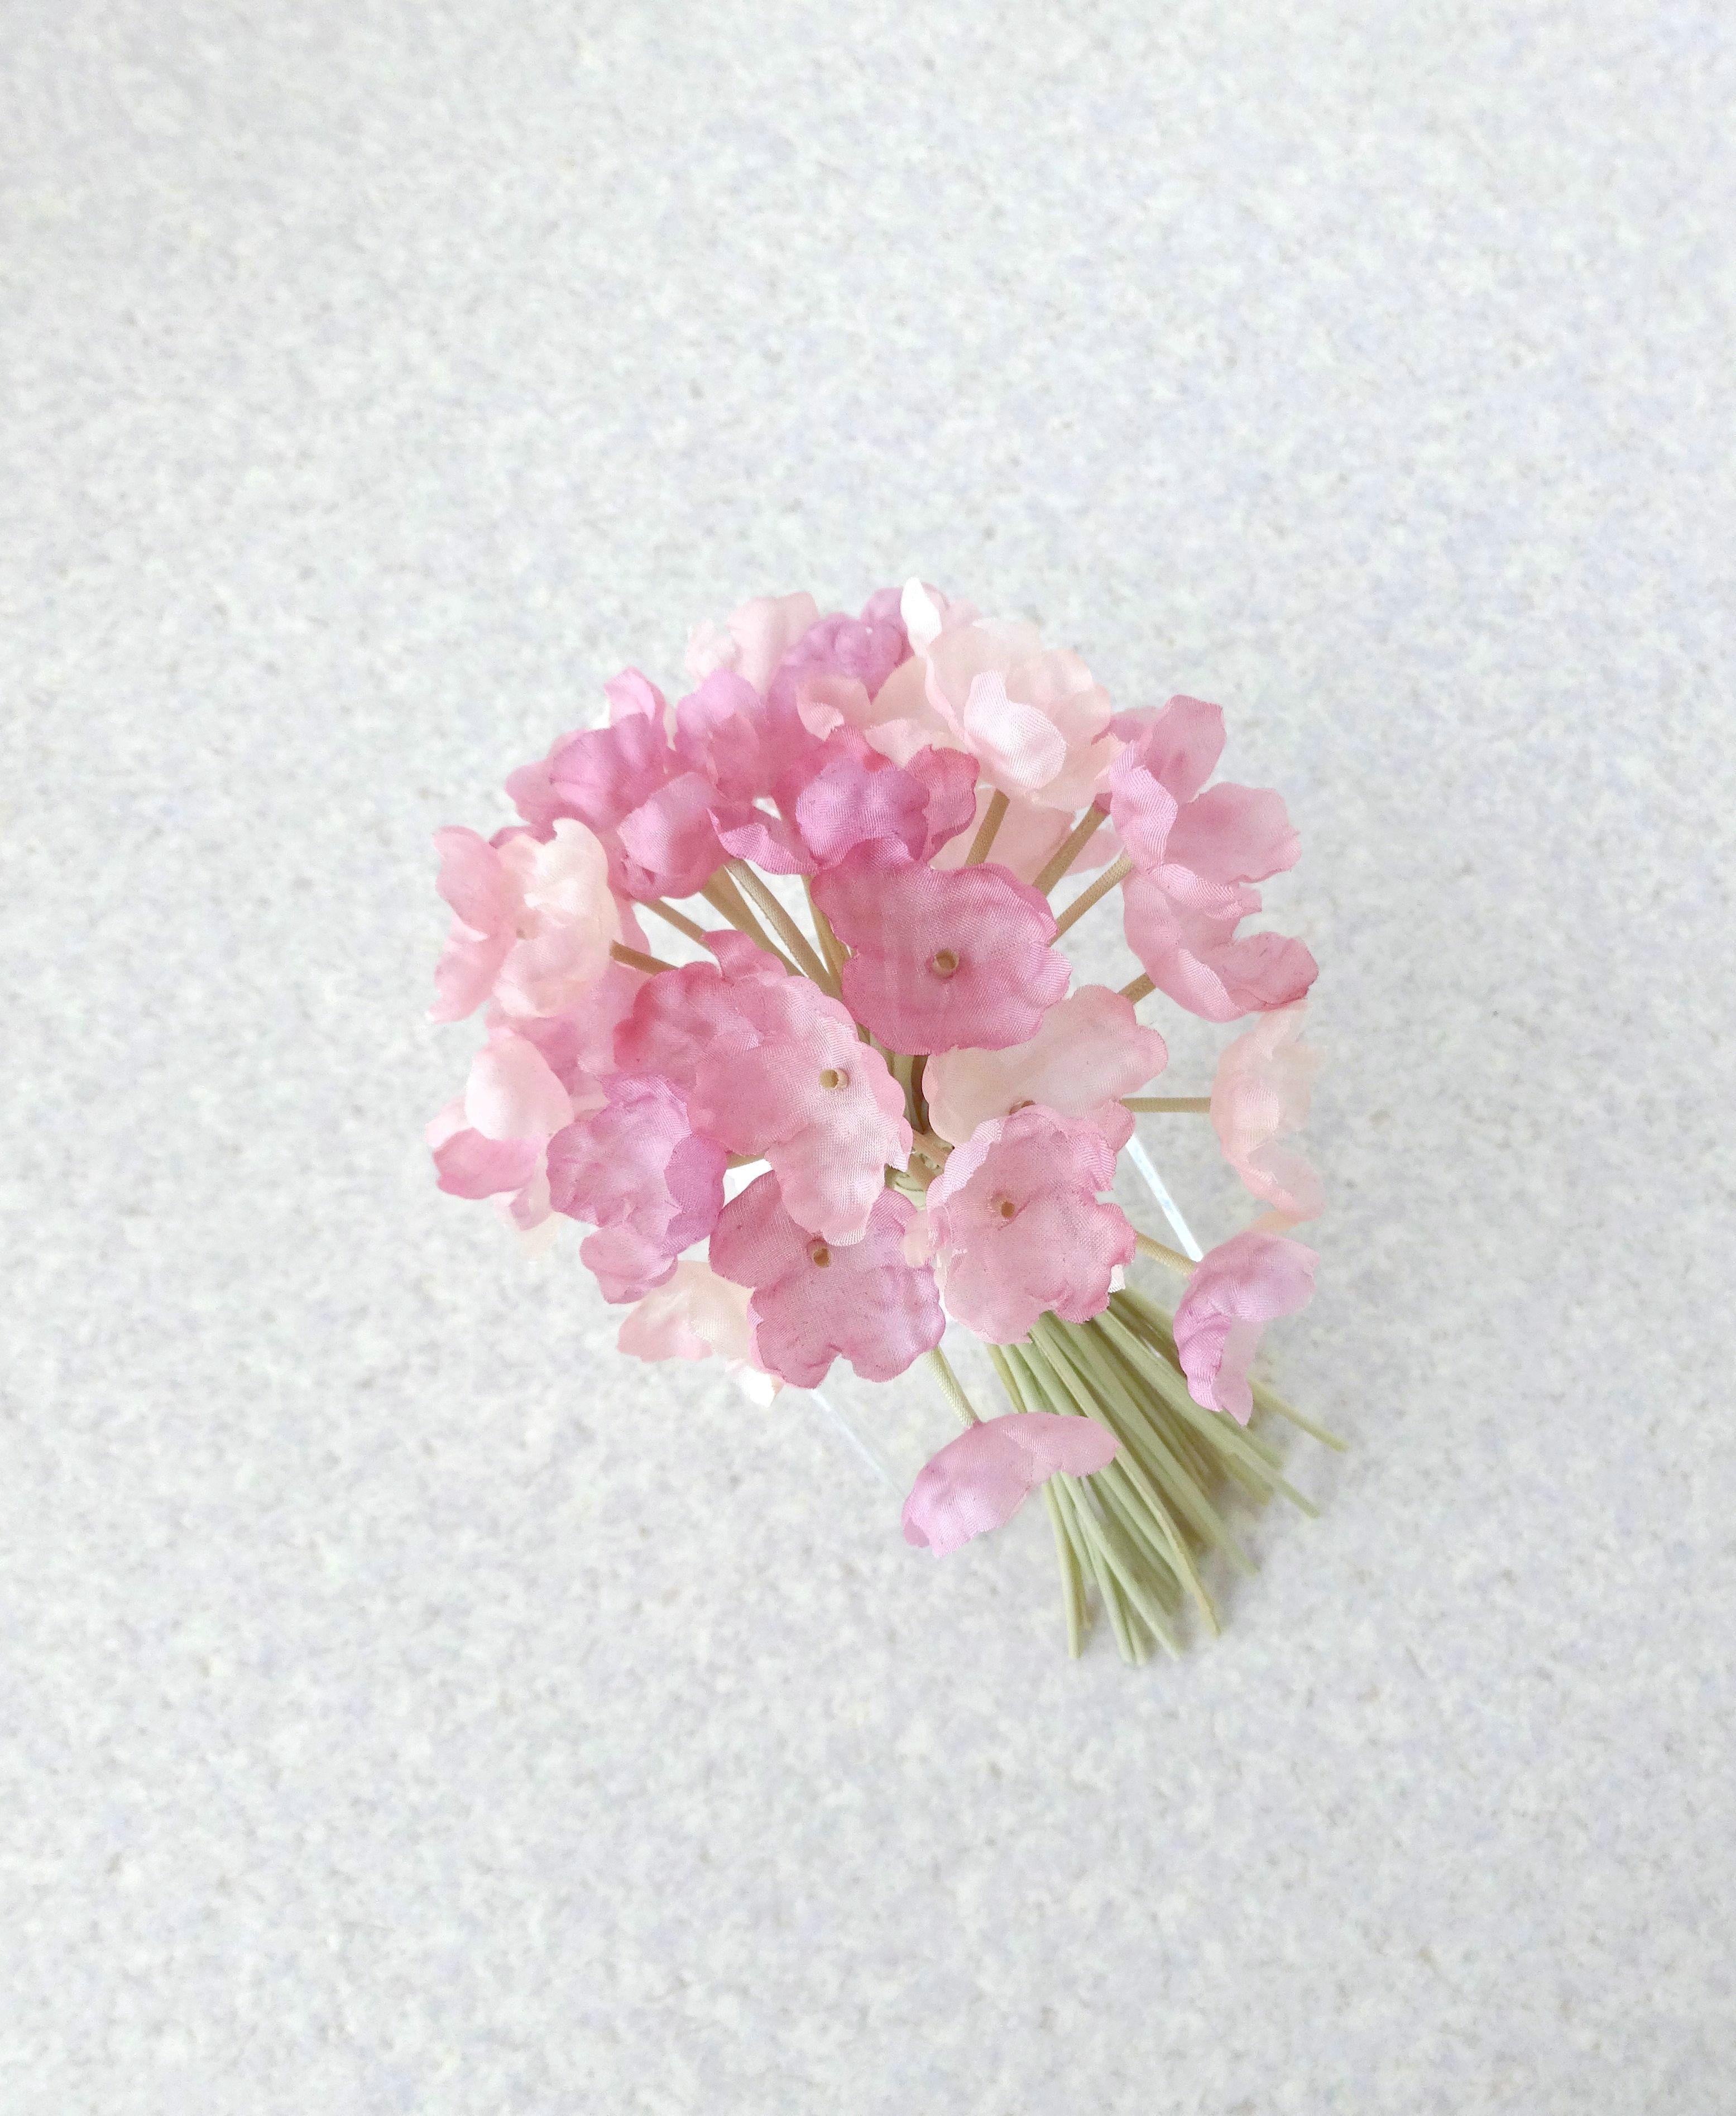 瑞々しい小花のブーケ * シルク羽二重製 * コサージュ